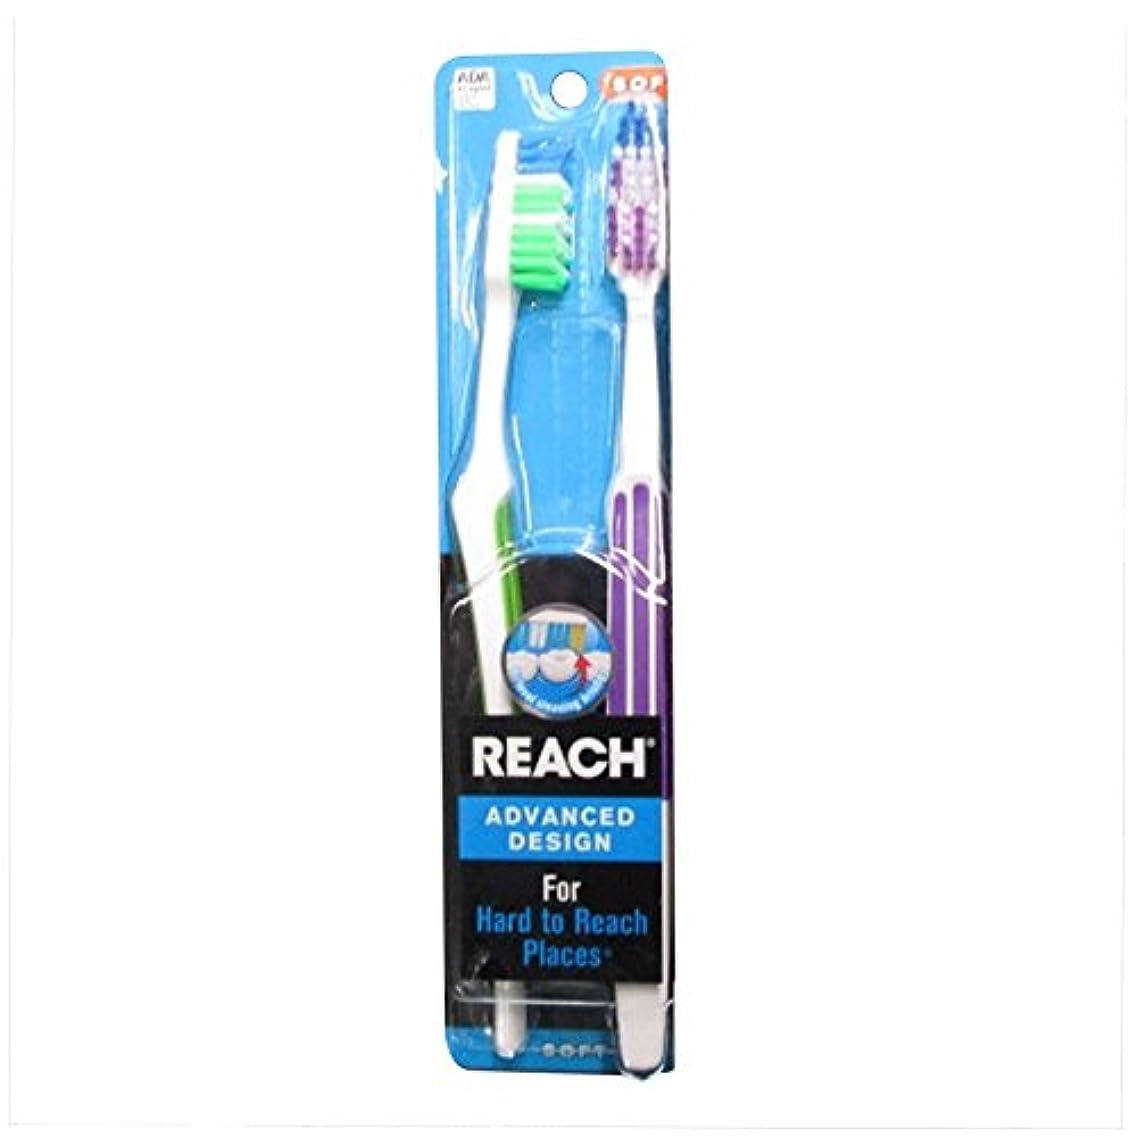 不十分な意気消沈した外部Reach 高度なデザイン完全な頭部柔らかい歯ブラシ、盛り合わせ色、2カウント(2パック)合計4歯ブラシ